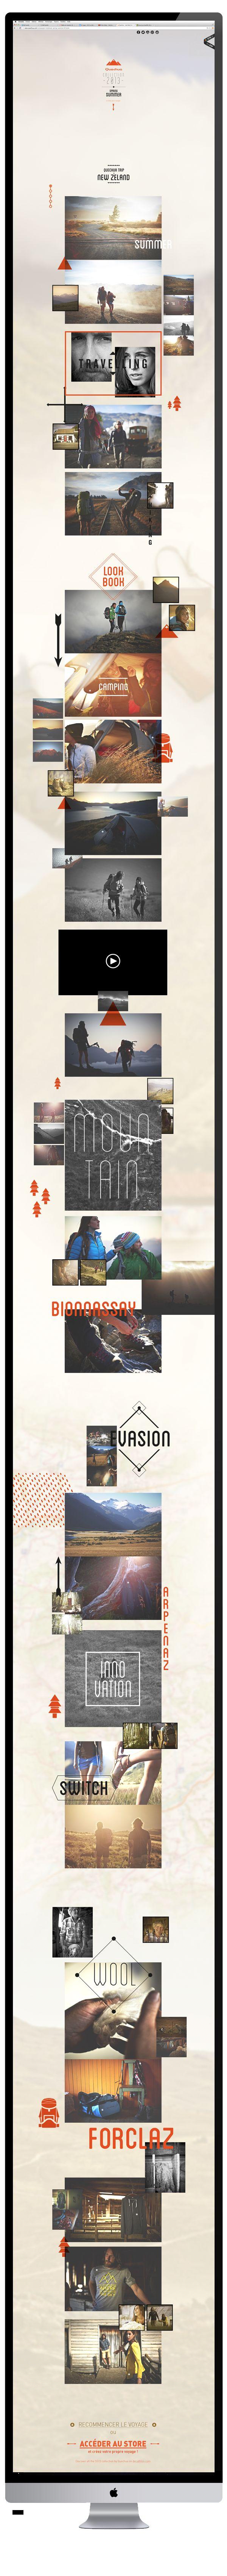 LOOKBOOK QUECHUA by Blandin Timothé, via Behance #webdesign http://www.quechua.com/campaigns/lookbook-spring-summer/#/travel